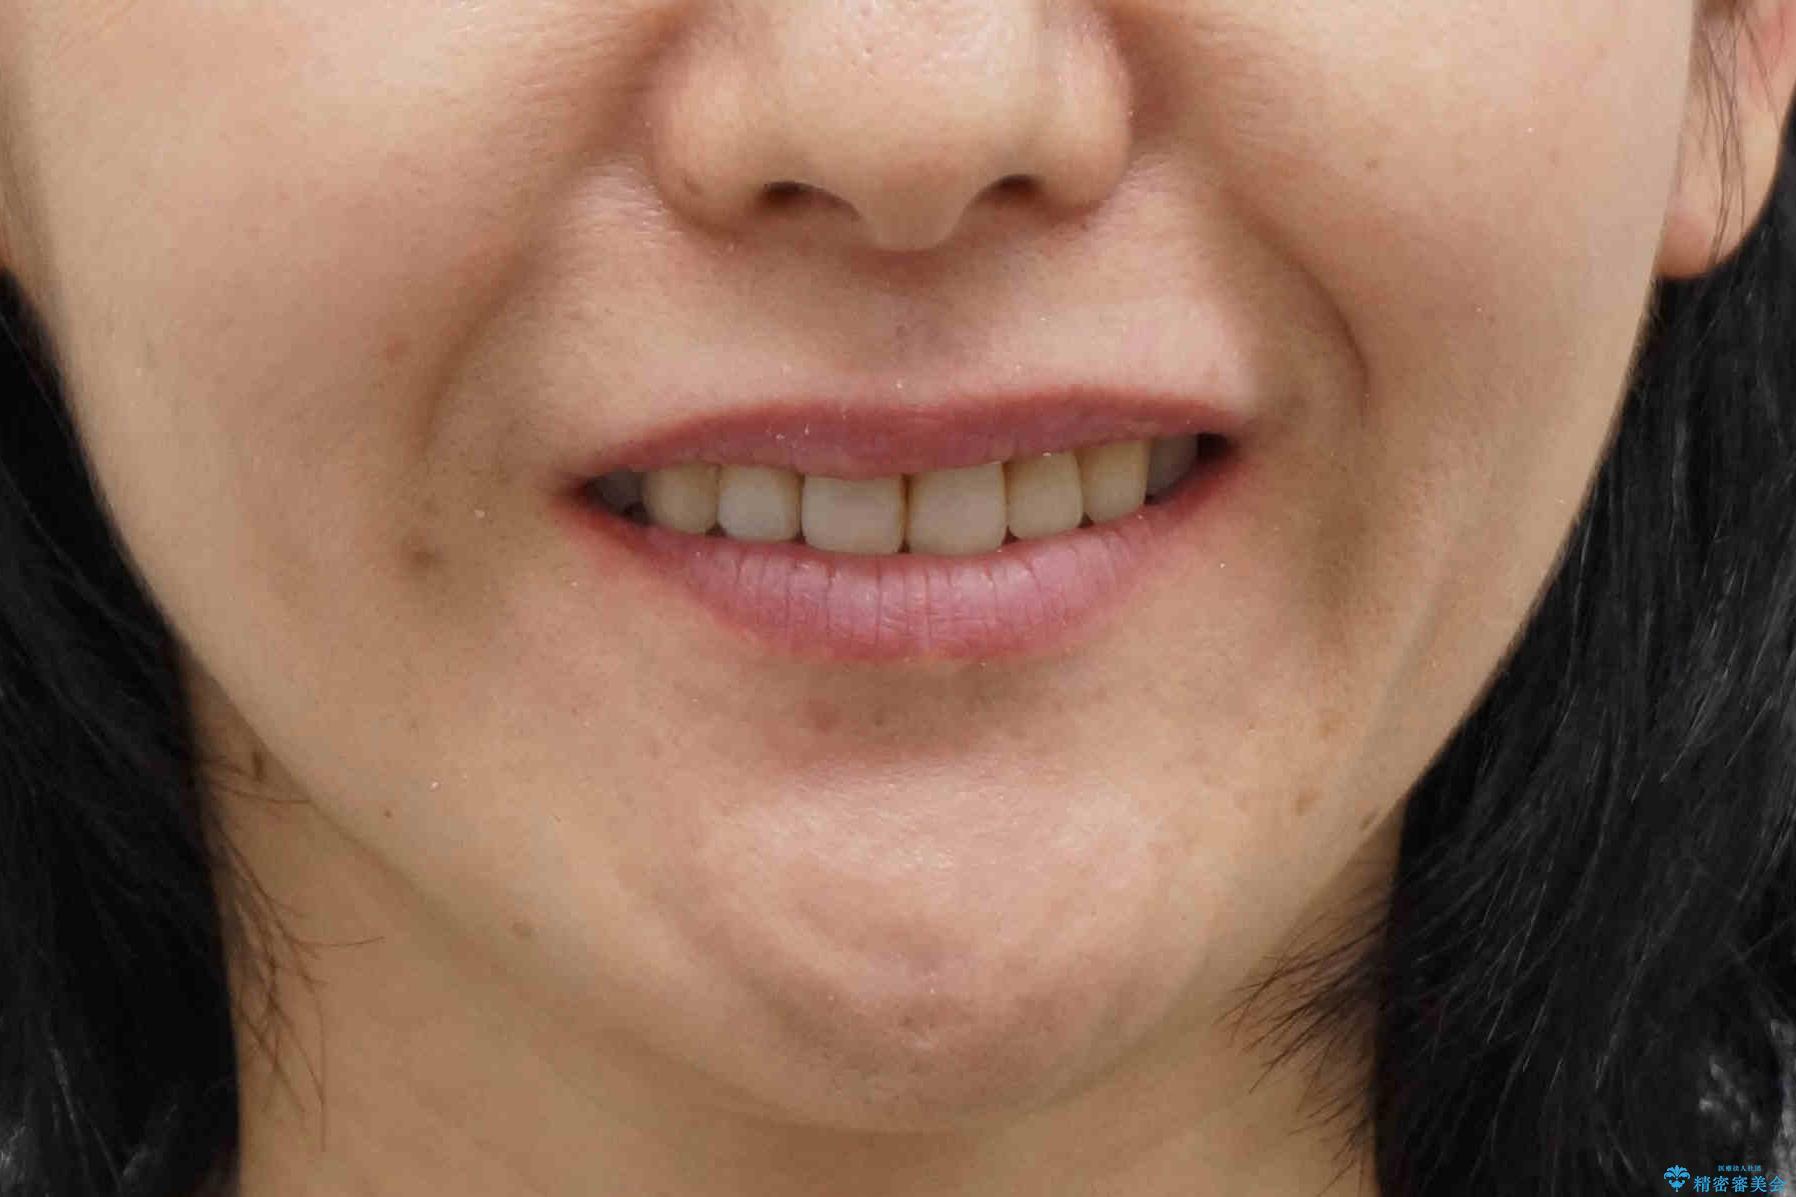 前歯で引っ込んでいる歯がある 他院で矯正200万と言われたの治療後(顔貌)